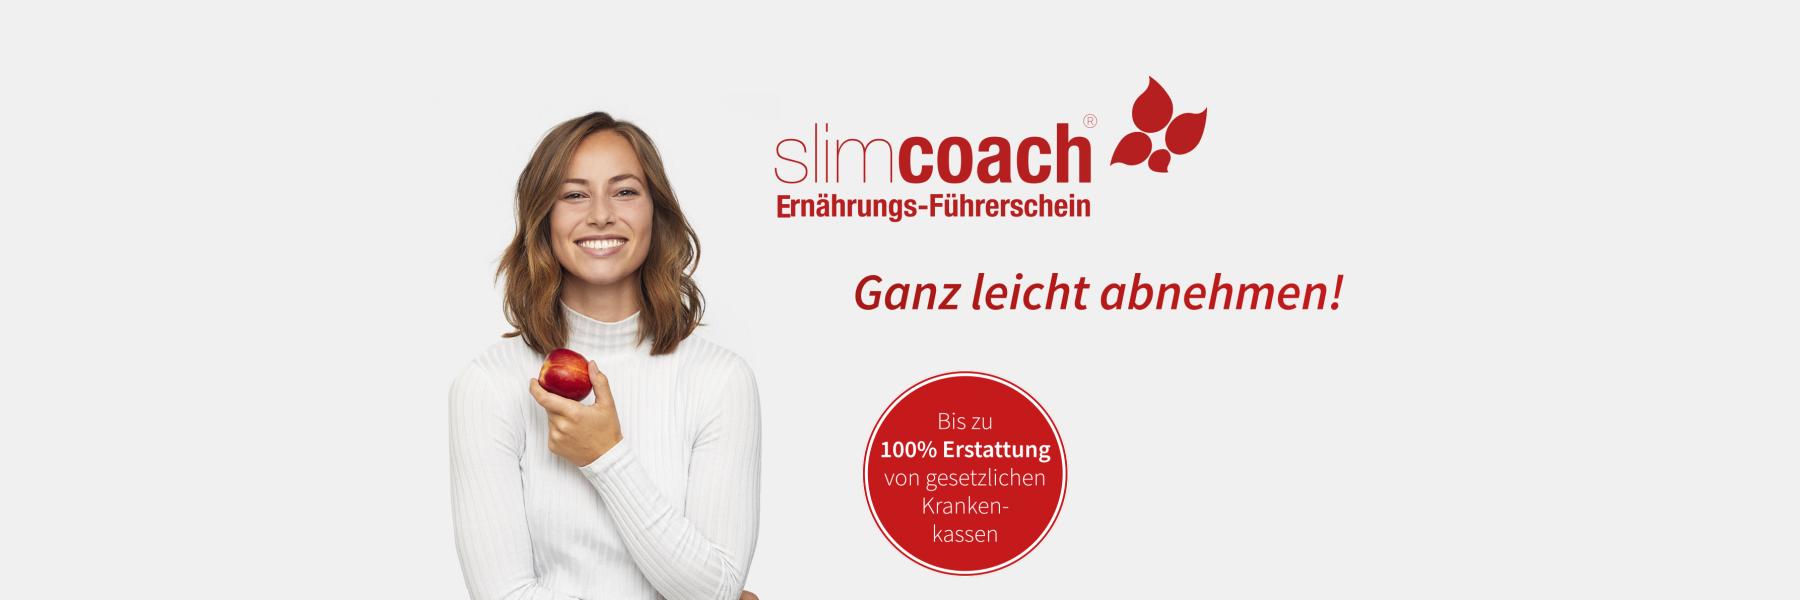 Slim Coach Abnehm App Krankenkasse Erstattung